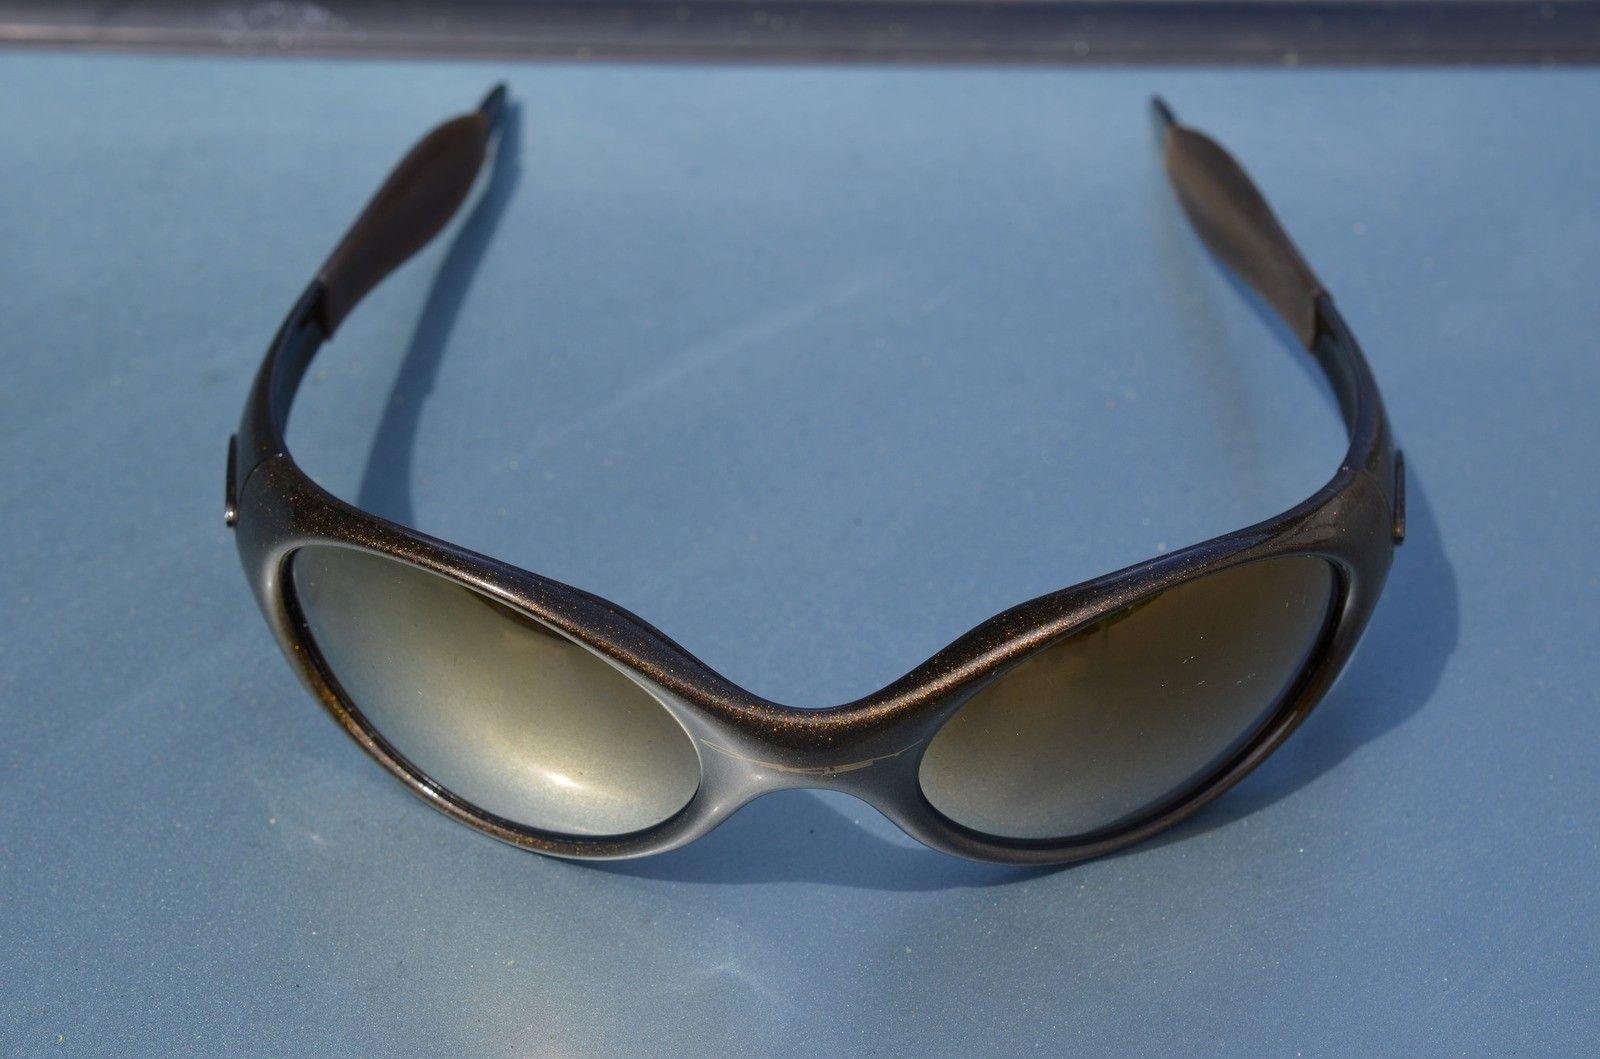 Oakley Trenchcoats, Twenty XX, M Frame gen2 Fang, Juliet - 16774802517_1633930ade_k.jpg